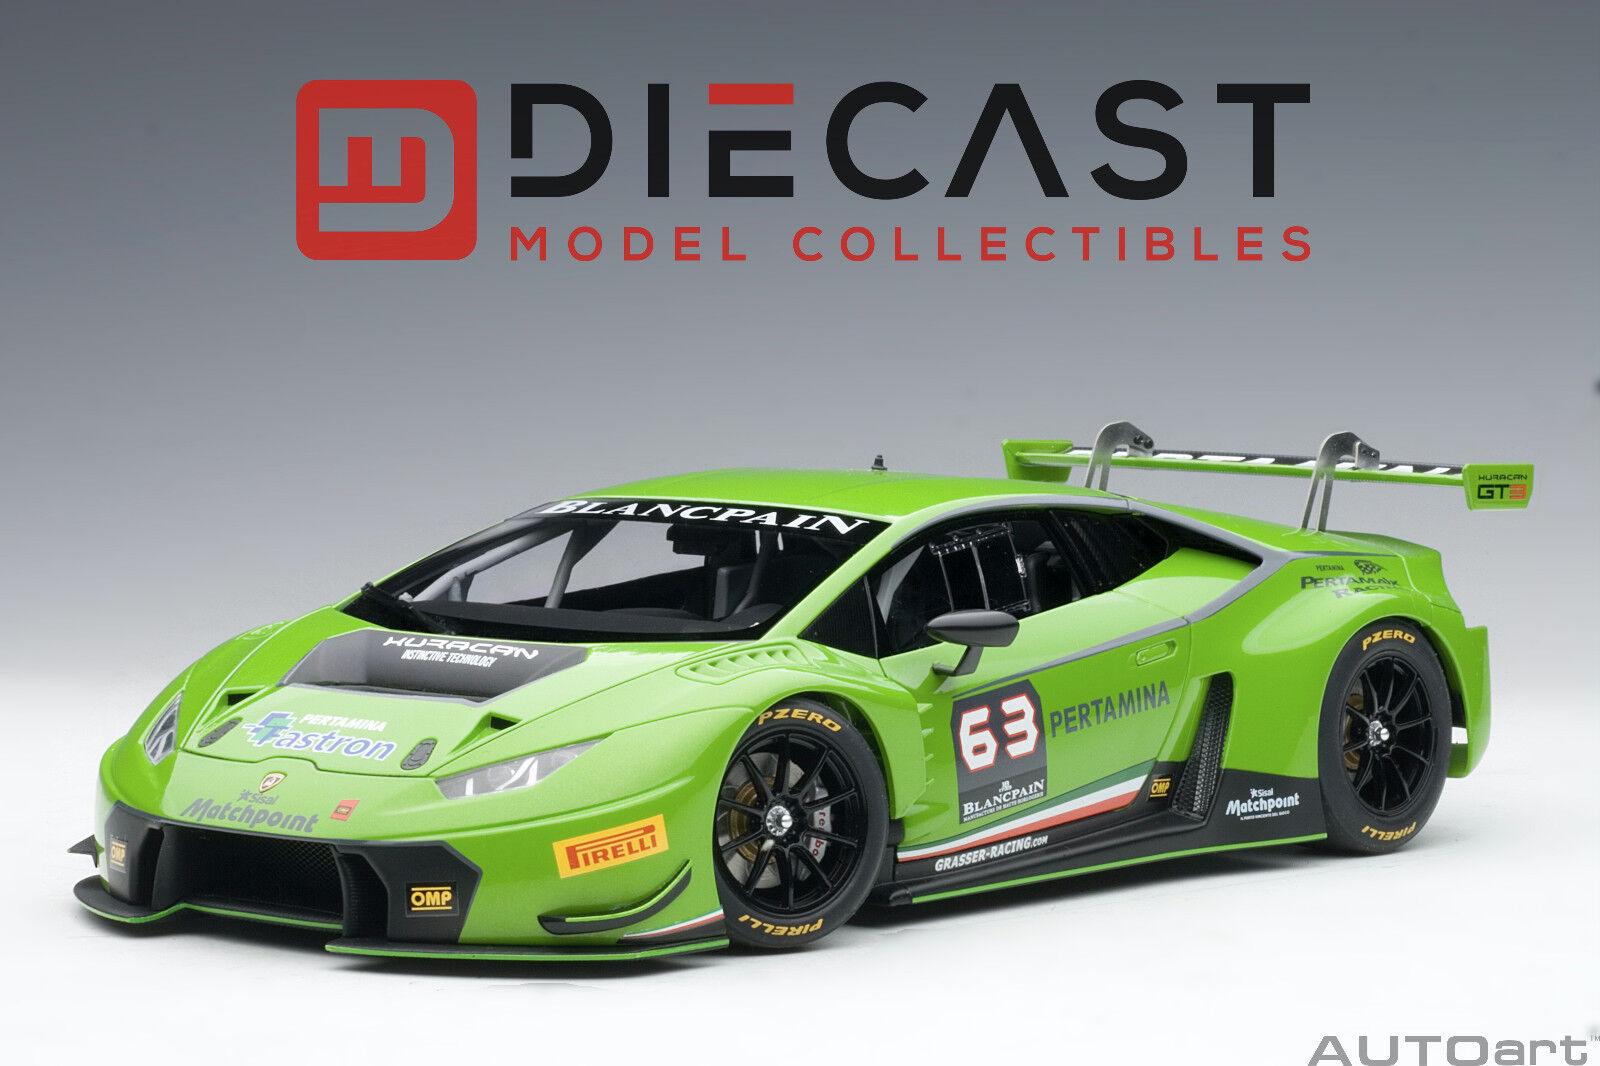 sorteos de estadio Autoart 81529 Lamborghini Huracan GT3 GT3 GT3 verde mantis de 4 capas verde Perla  63 1 18  Precio por piso